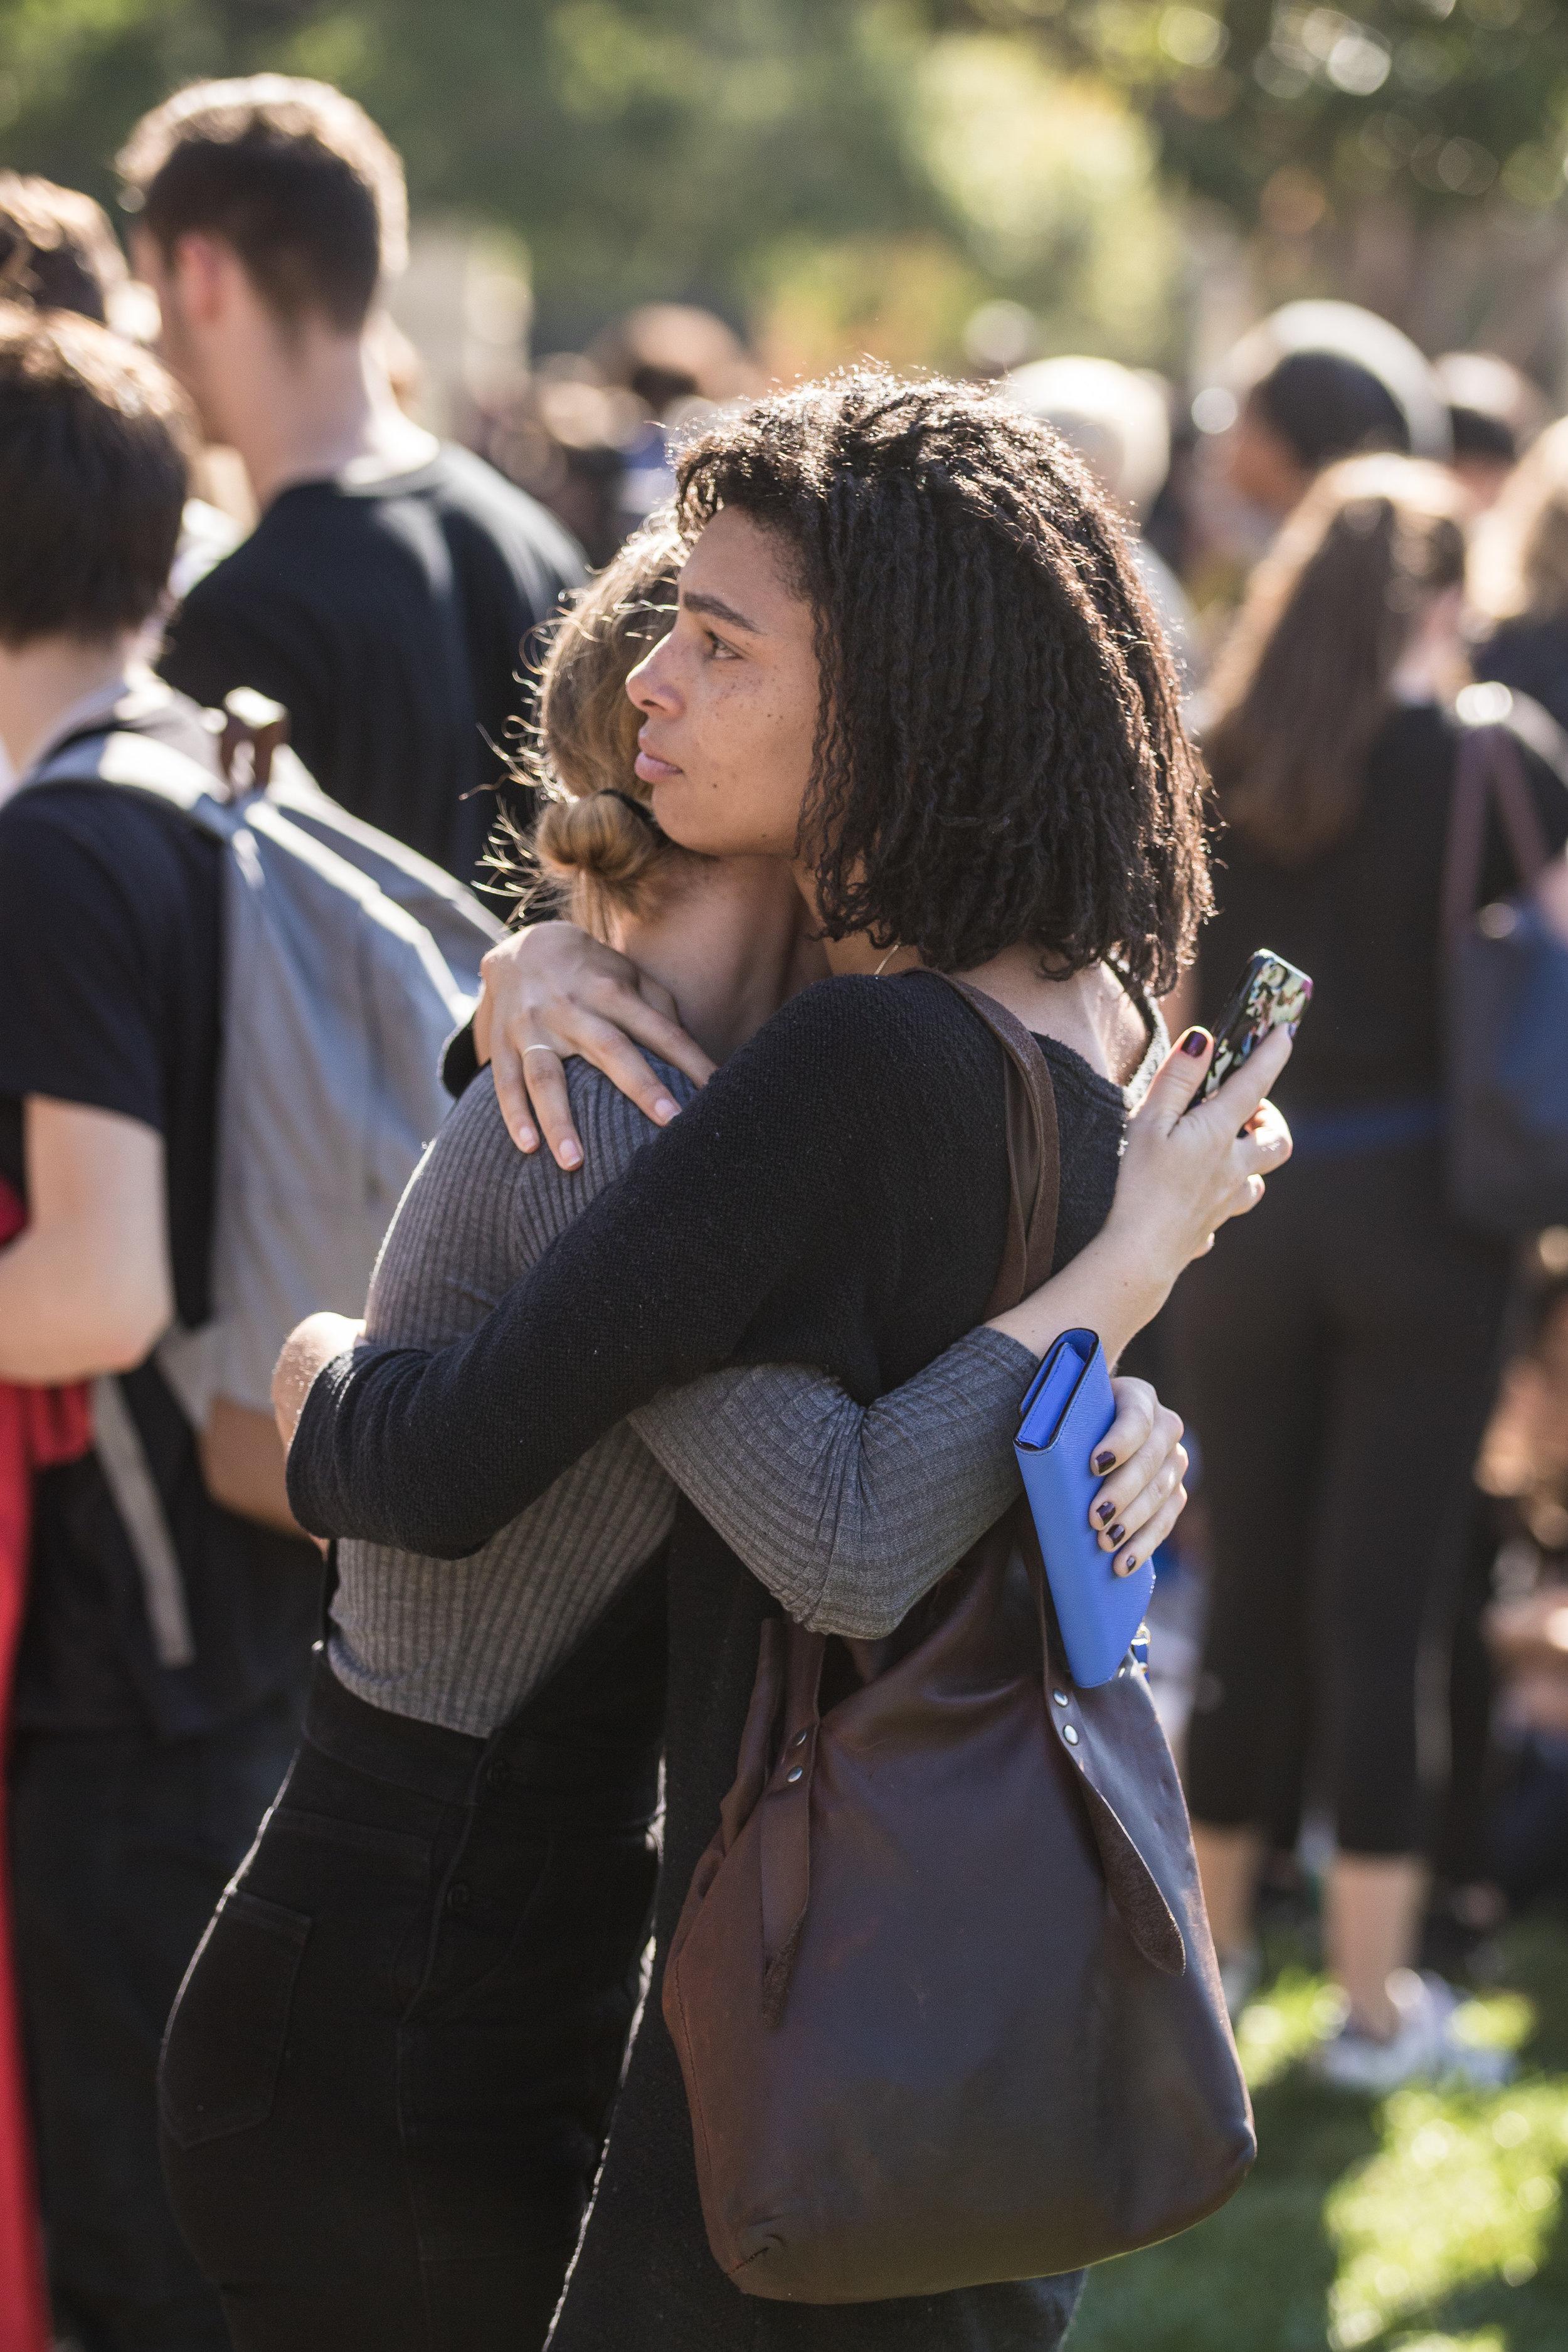 Berkeley-Nov9Rally24-FriendsConsoling3-FullRes.jpg